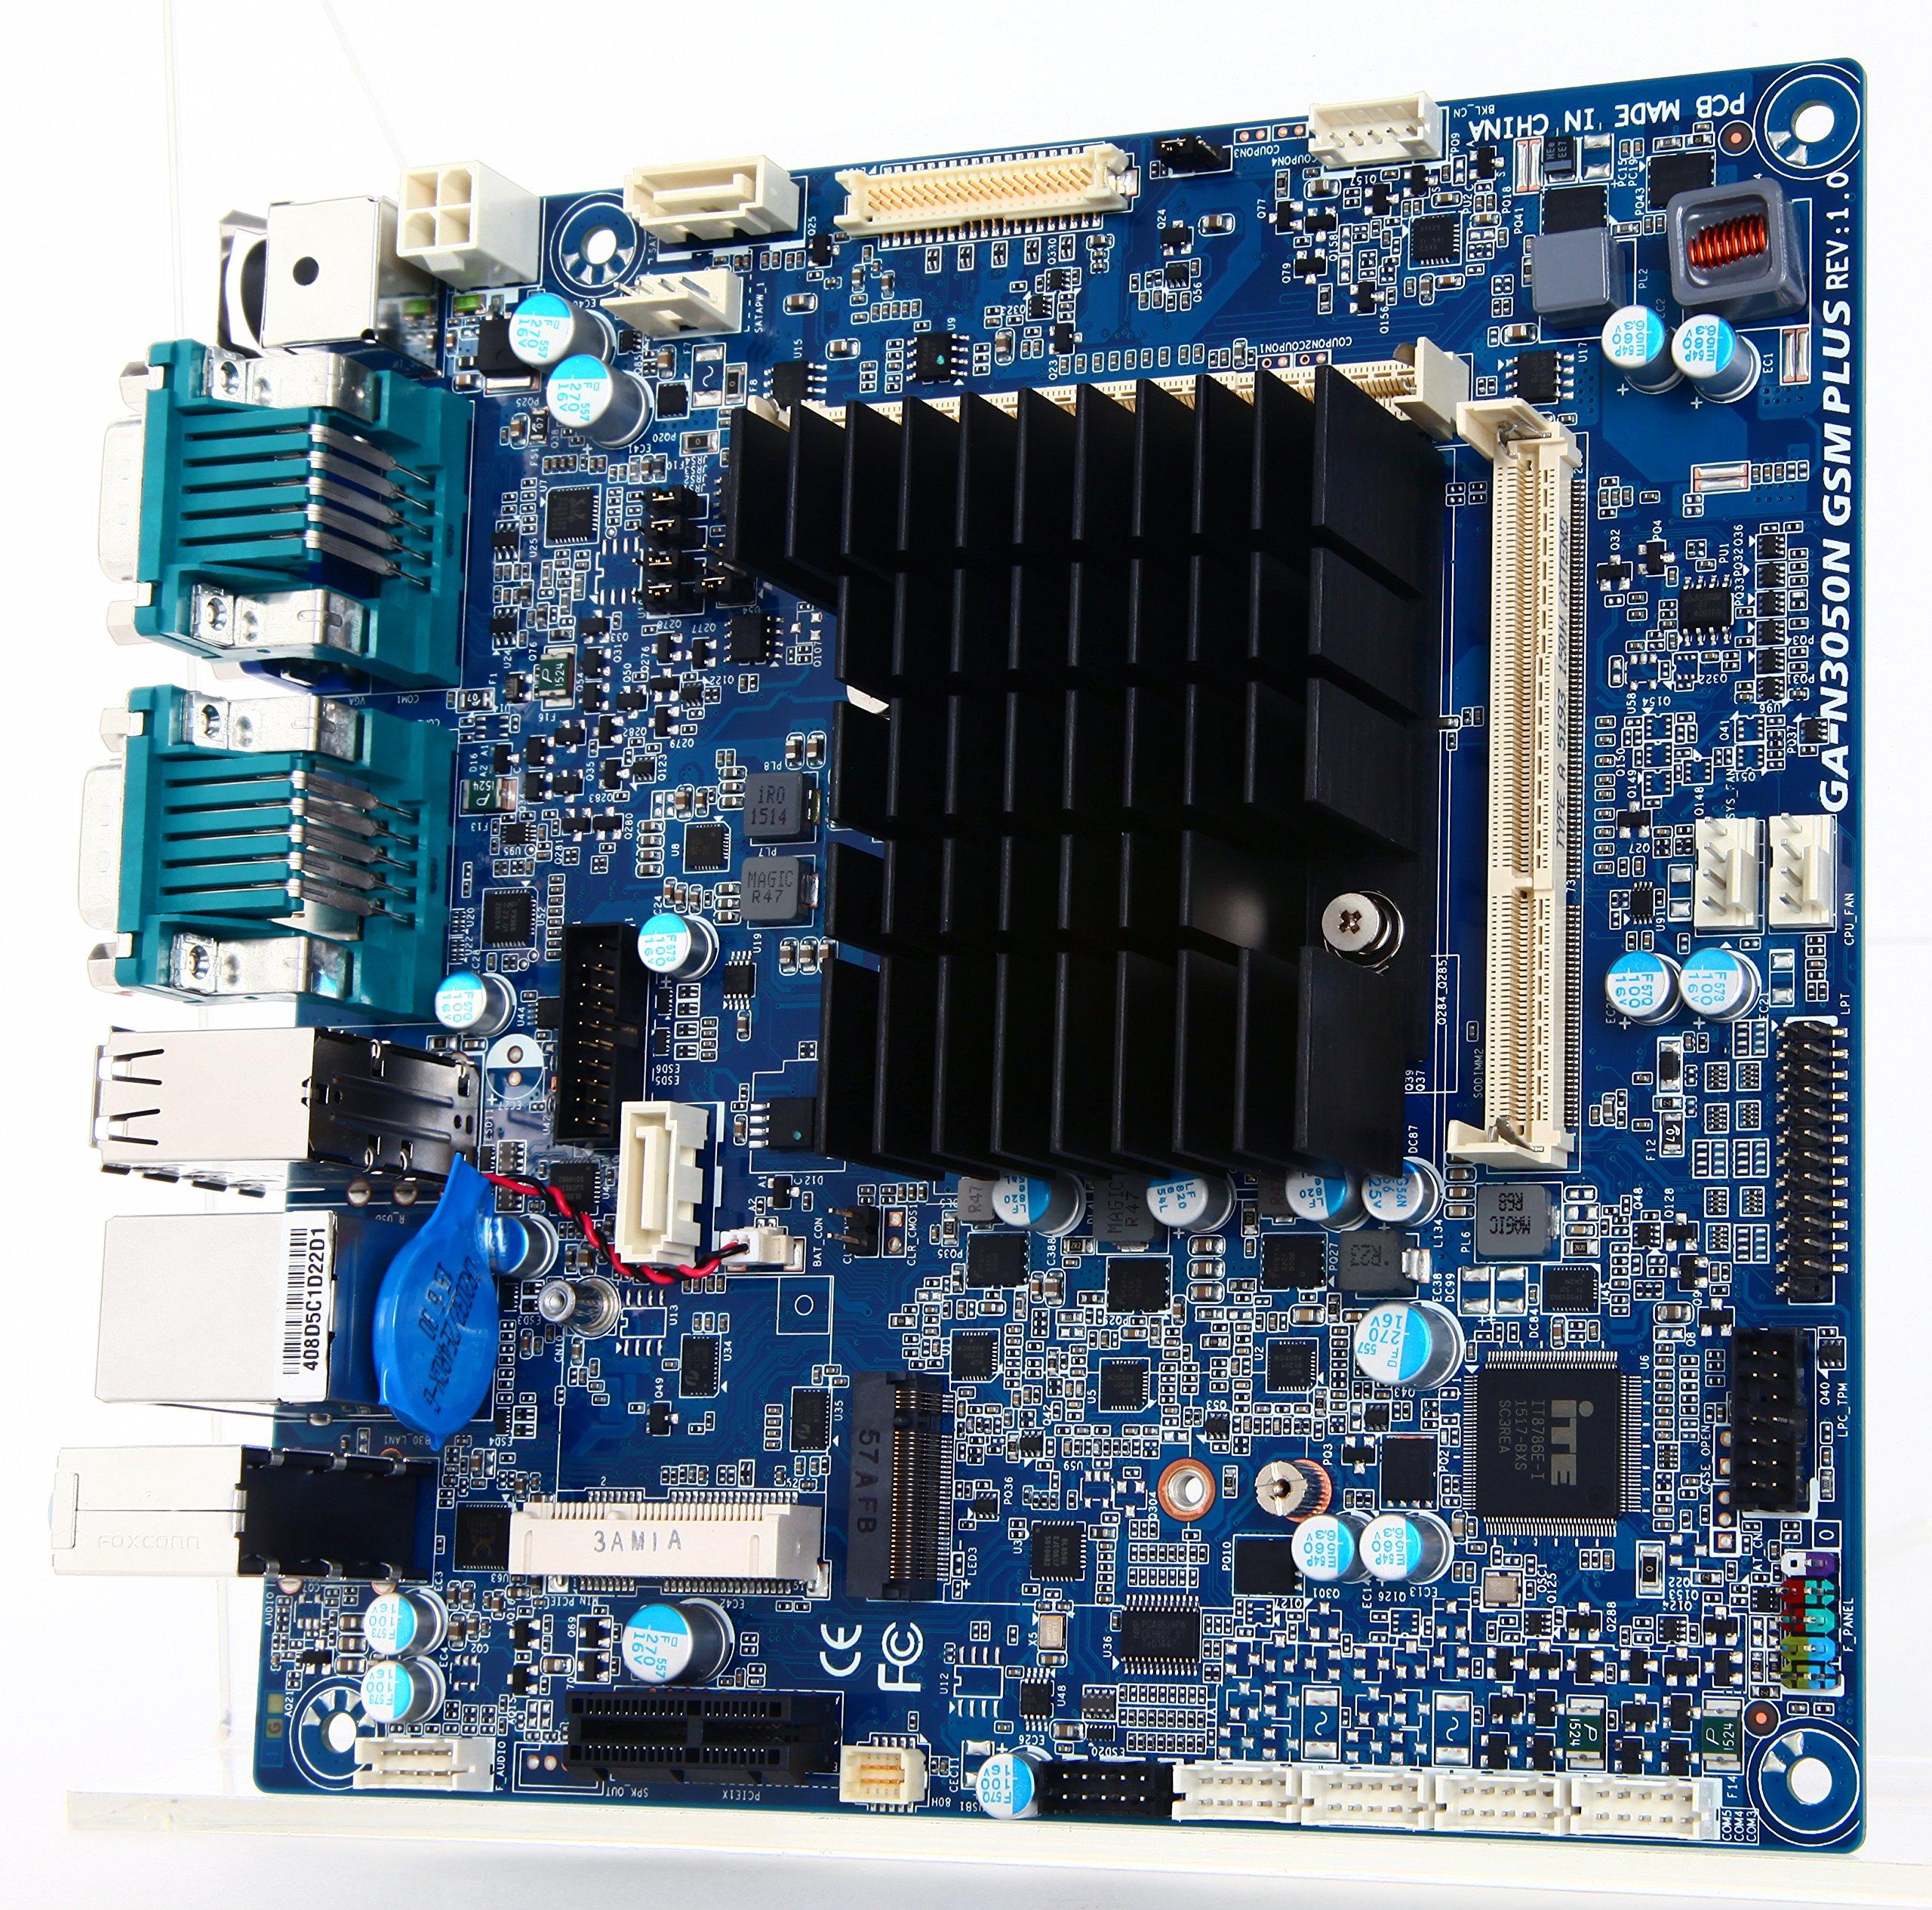 GIGABYTE GA-N3050N GSM PLUS Motherboard & CPU Combo by Gigabyte (Image #3)